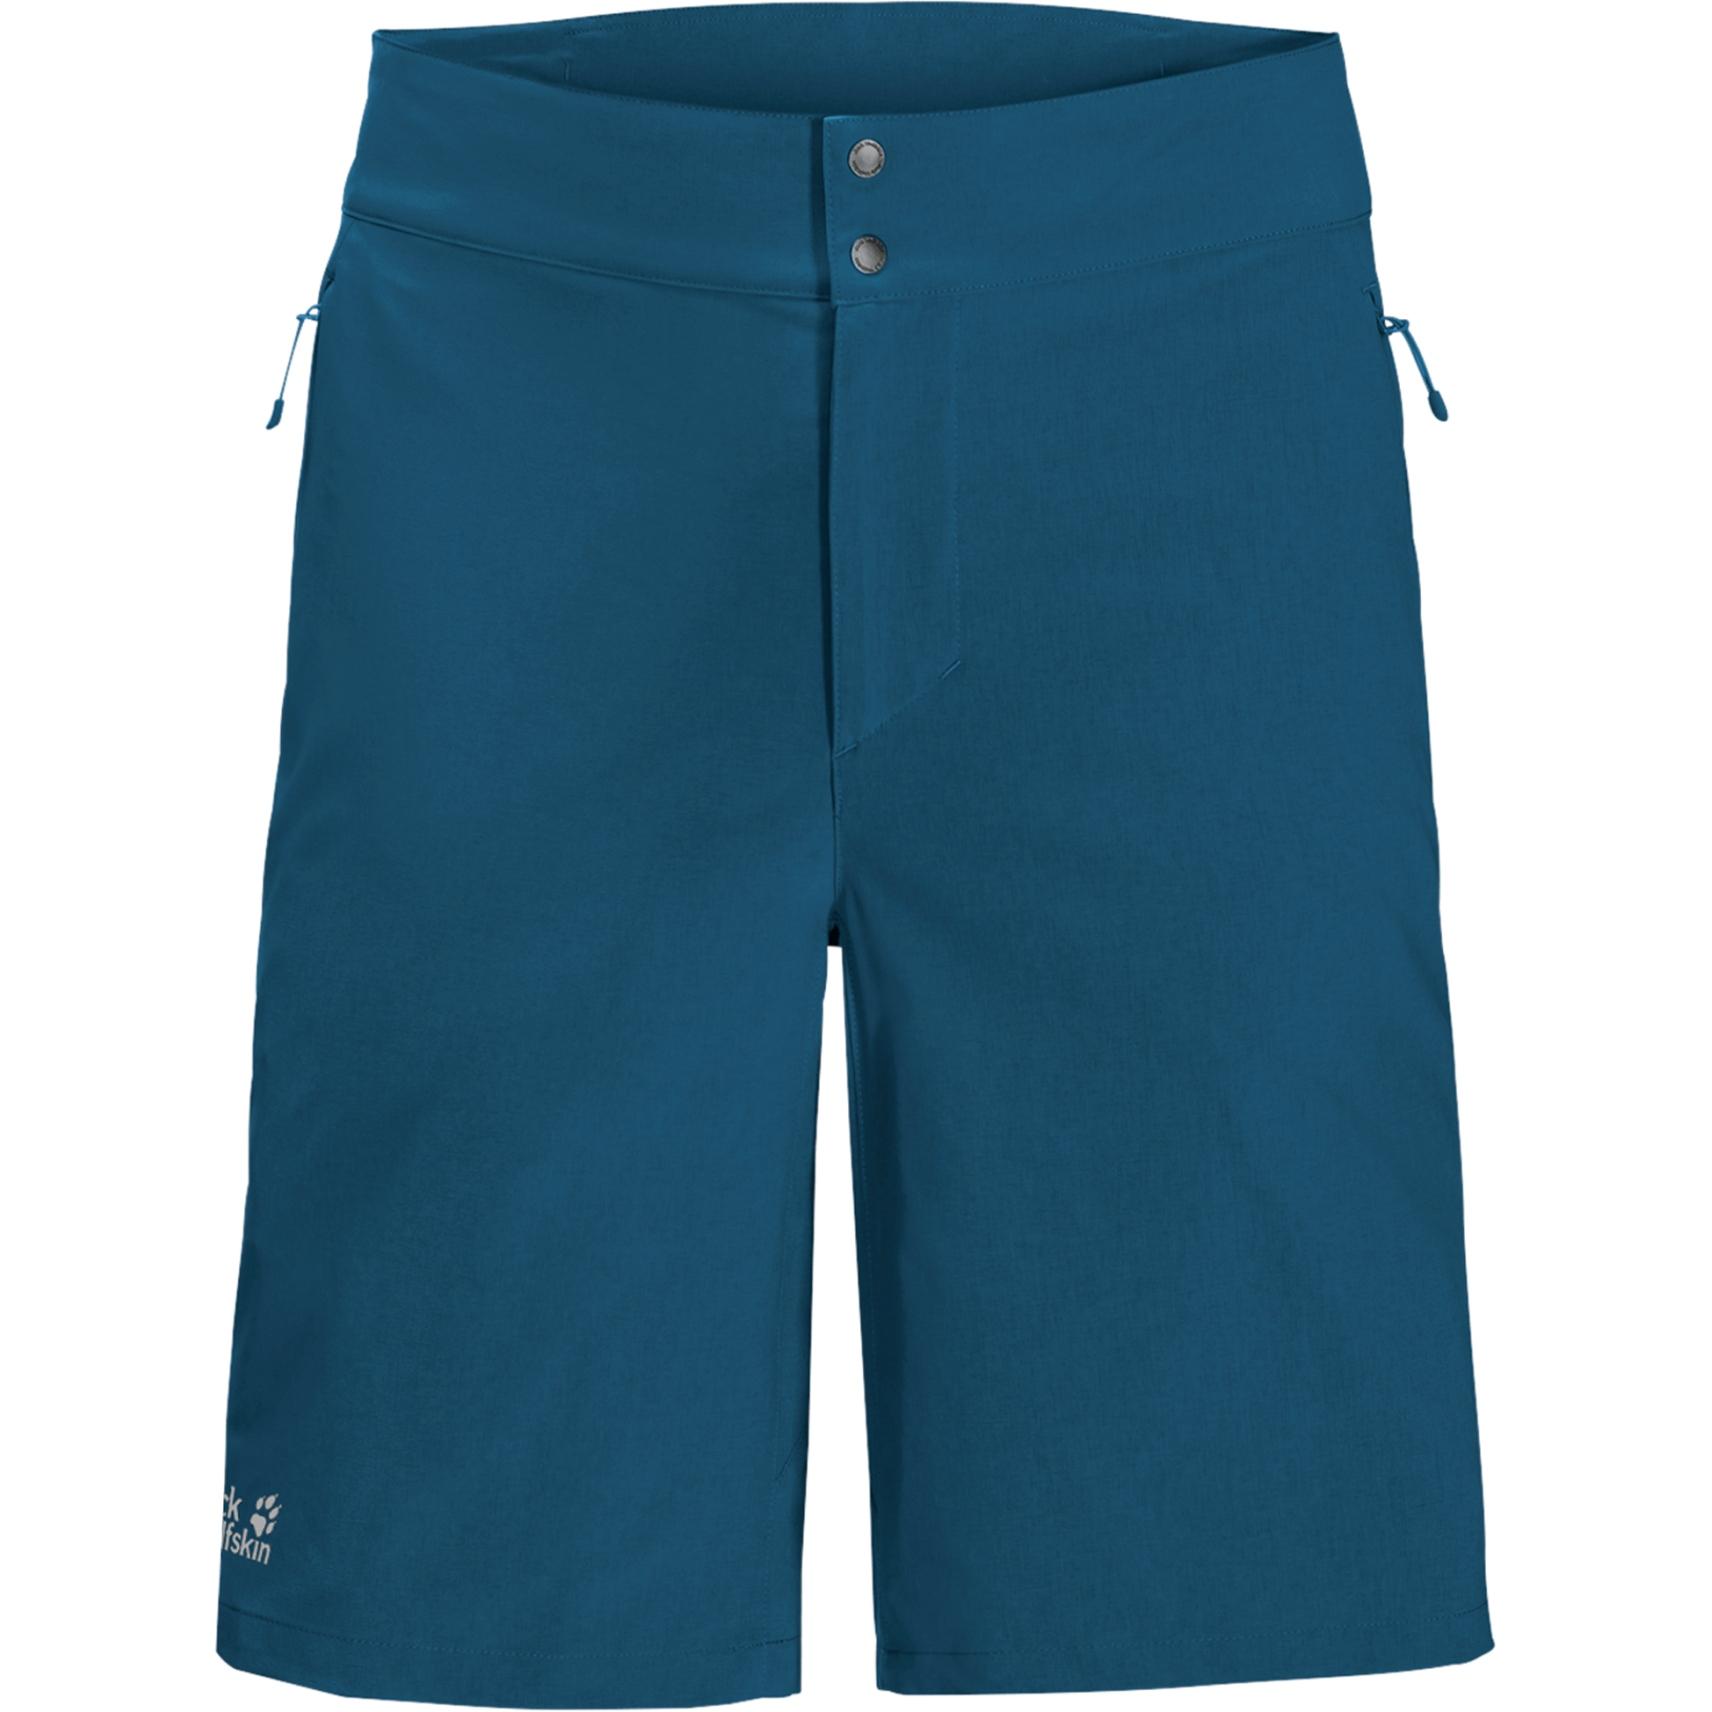 Jack Wolfskin Gradient Shorts - dark cobalt